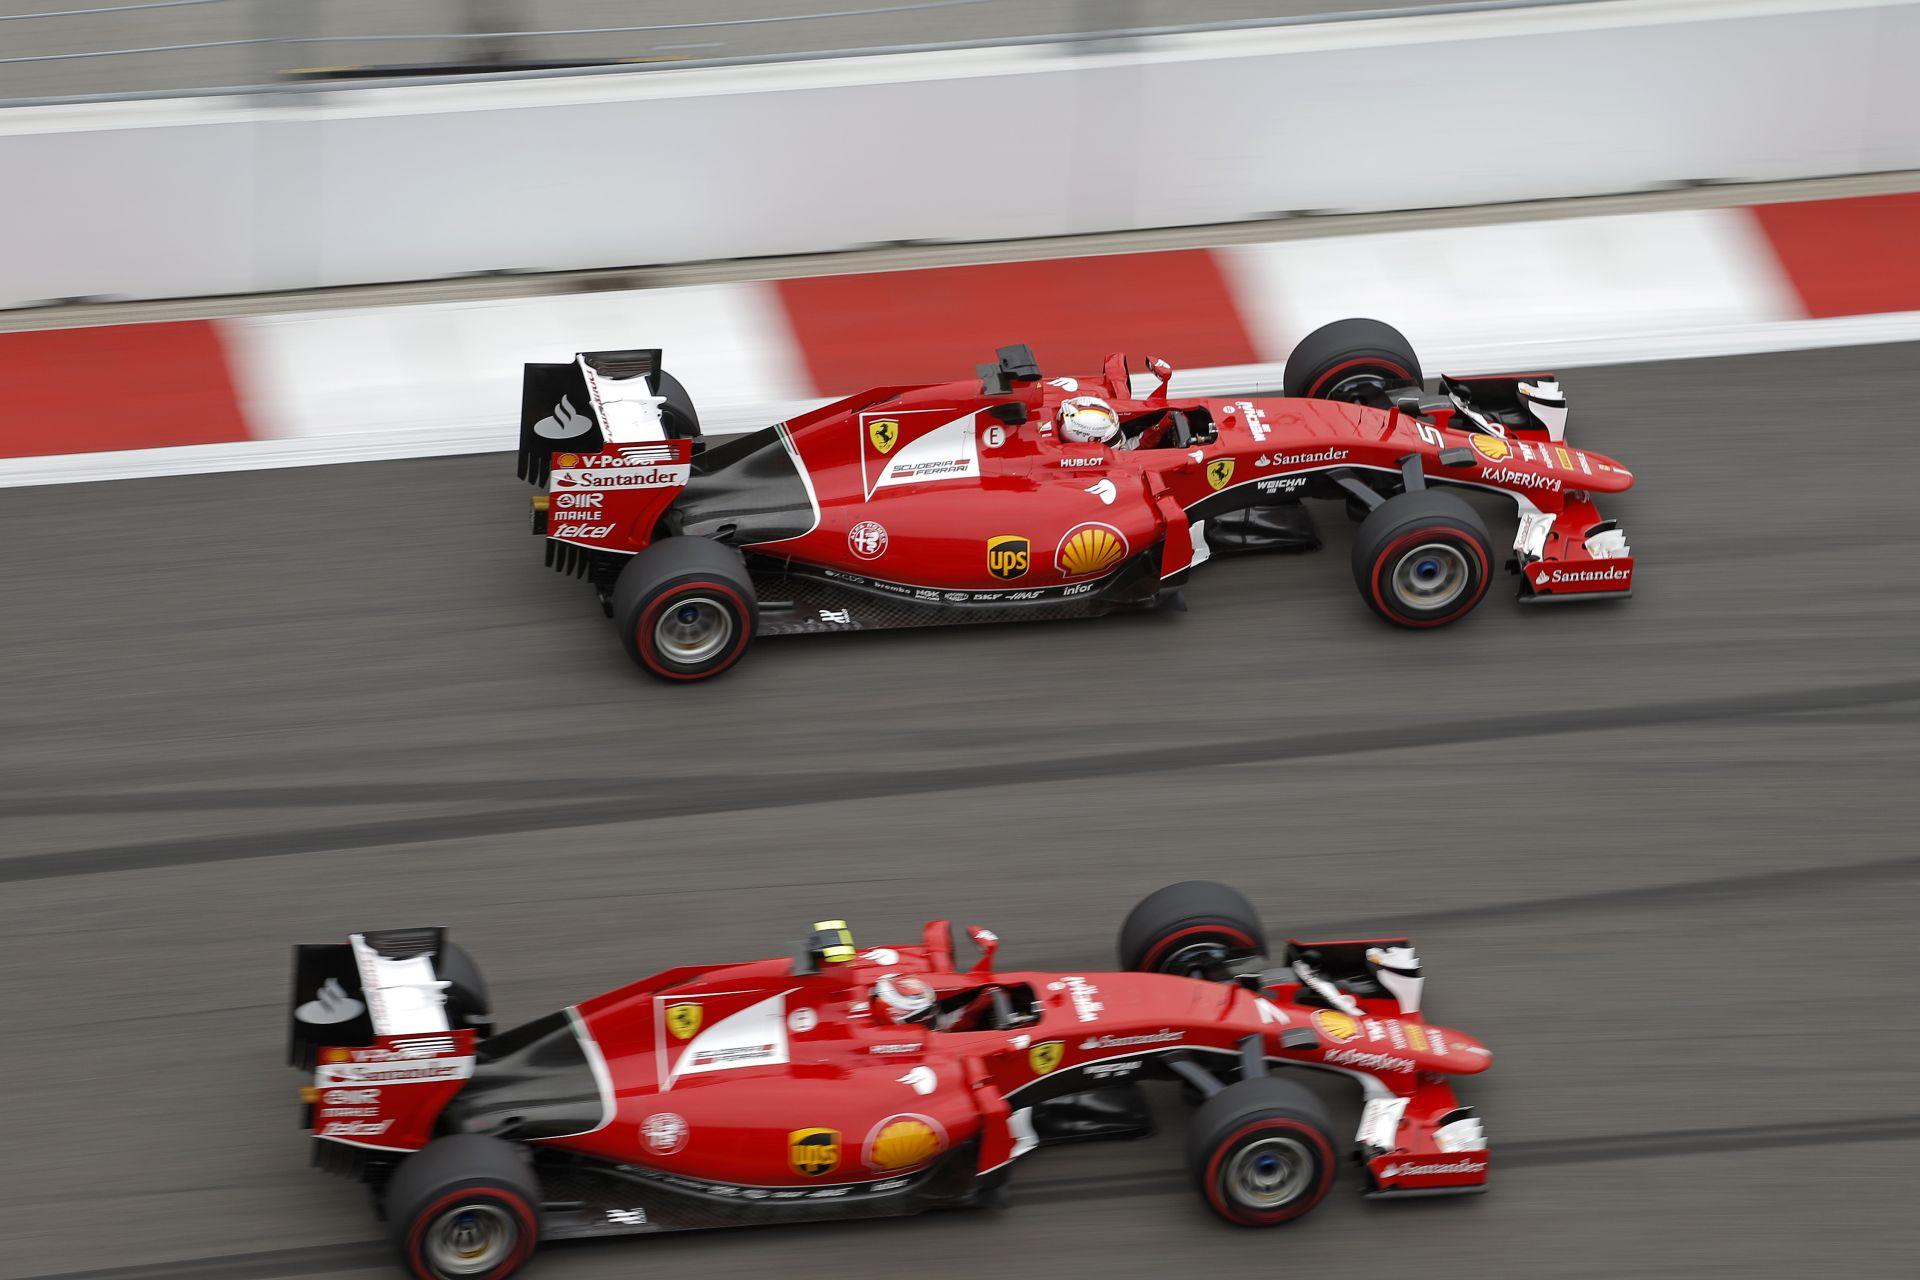 ÉLŐ F1-ES MŰSOR a Gokart Arénából: Vettel rettentően gyenge volt, Raikkönen ismét KO, senki nem ad motort a Red Bullnak…